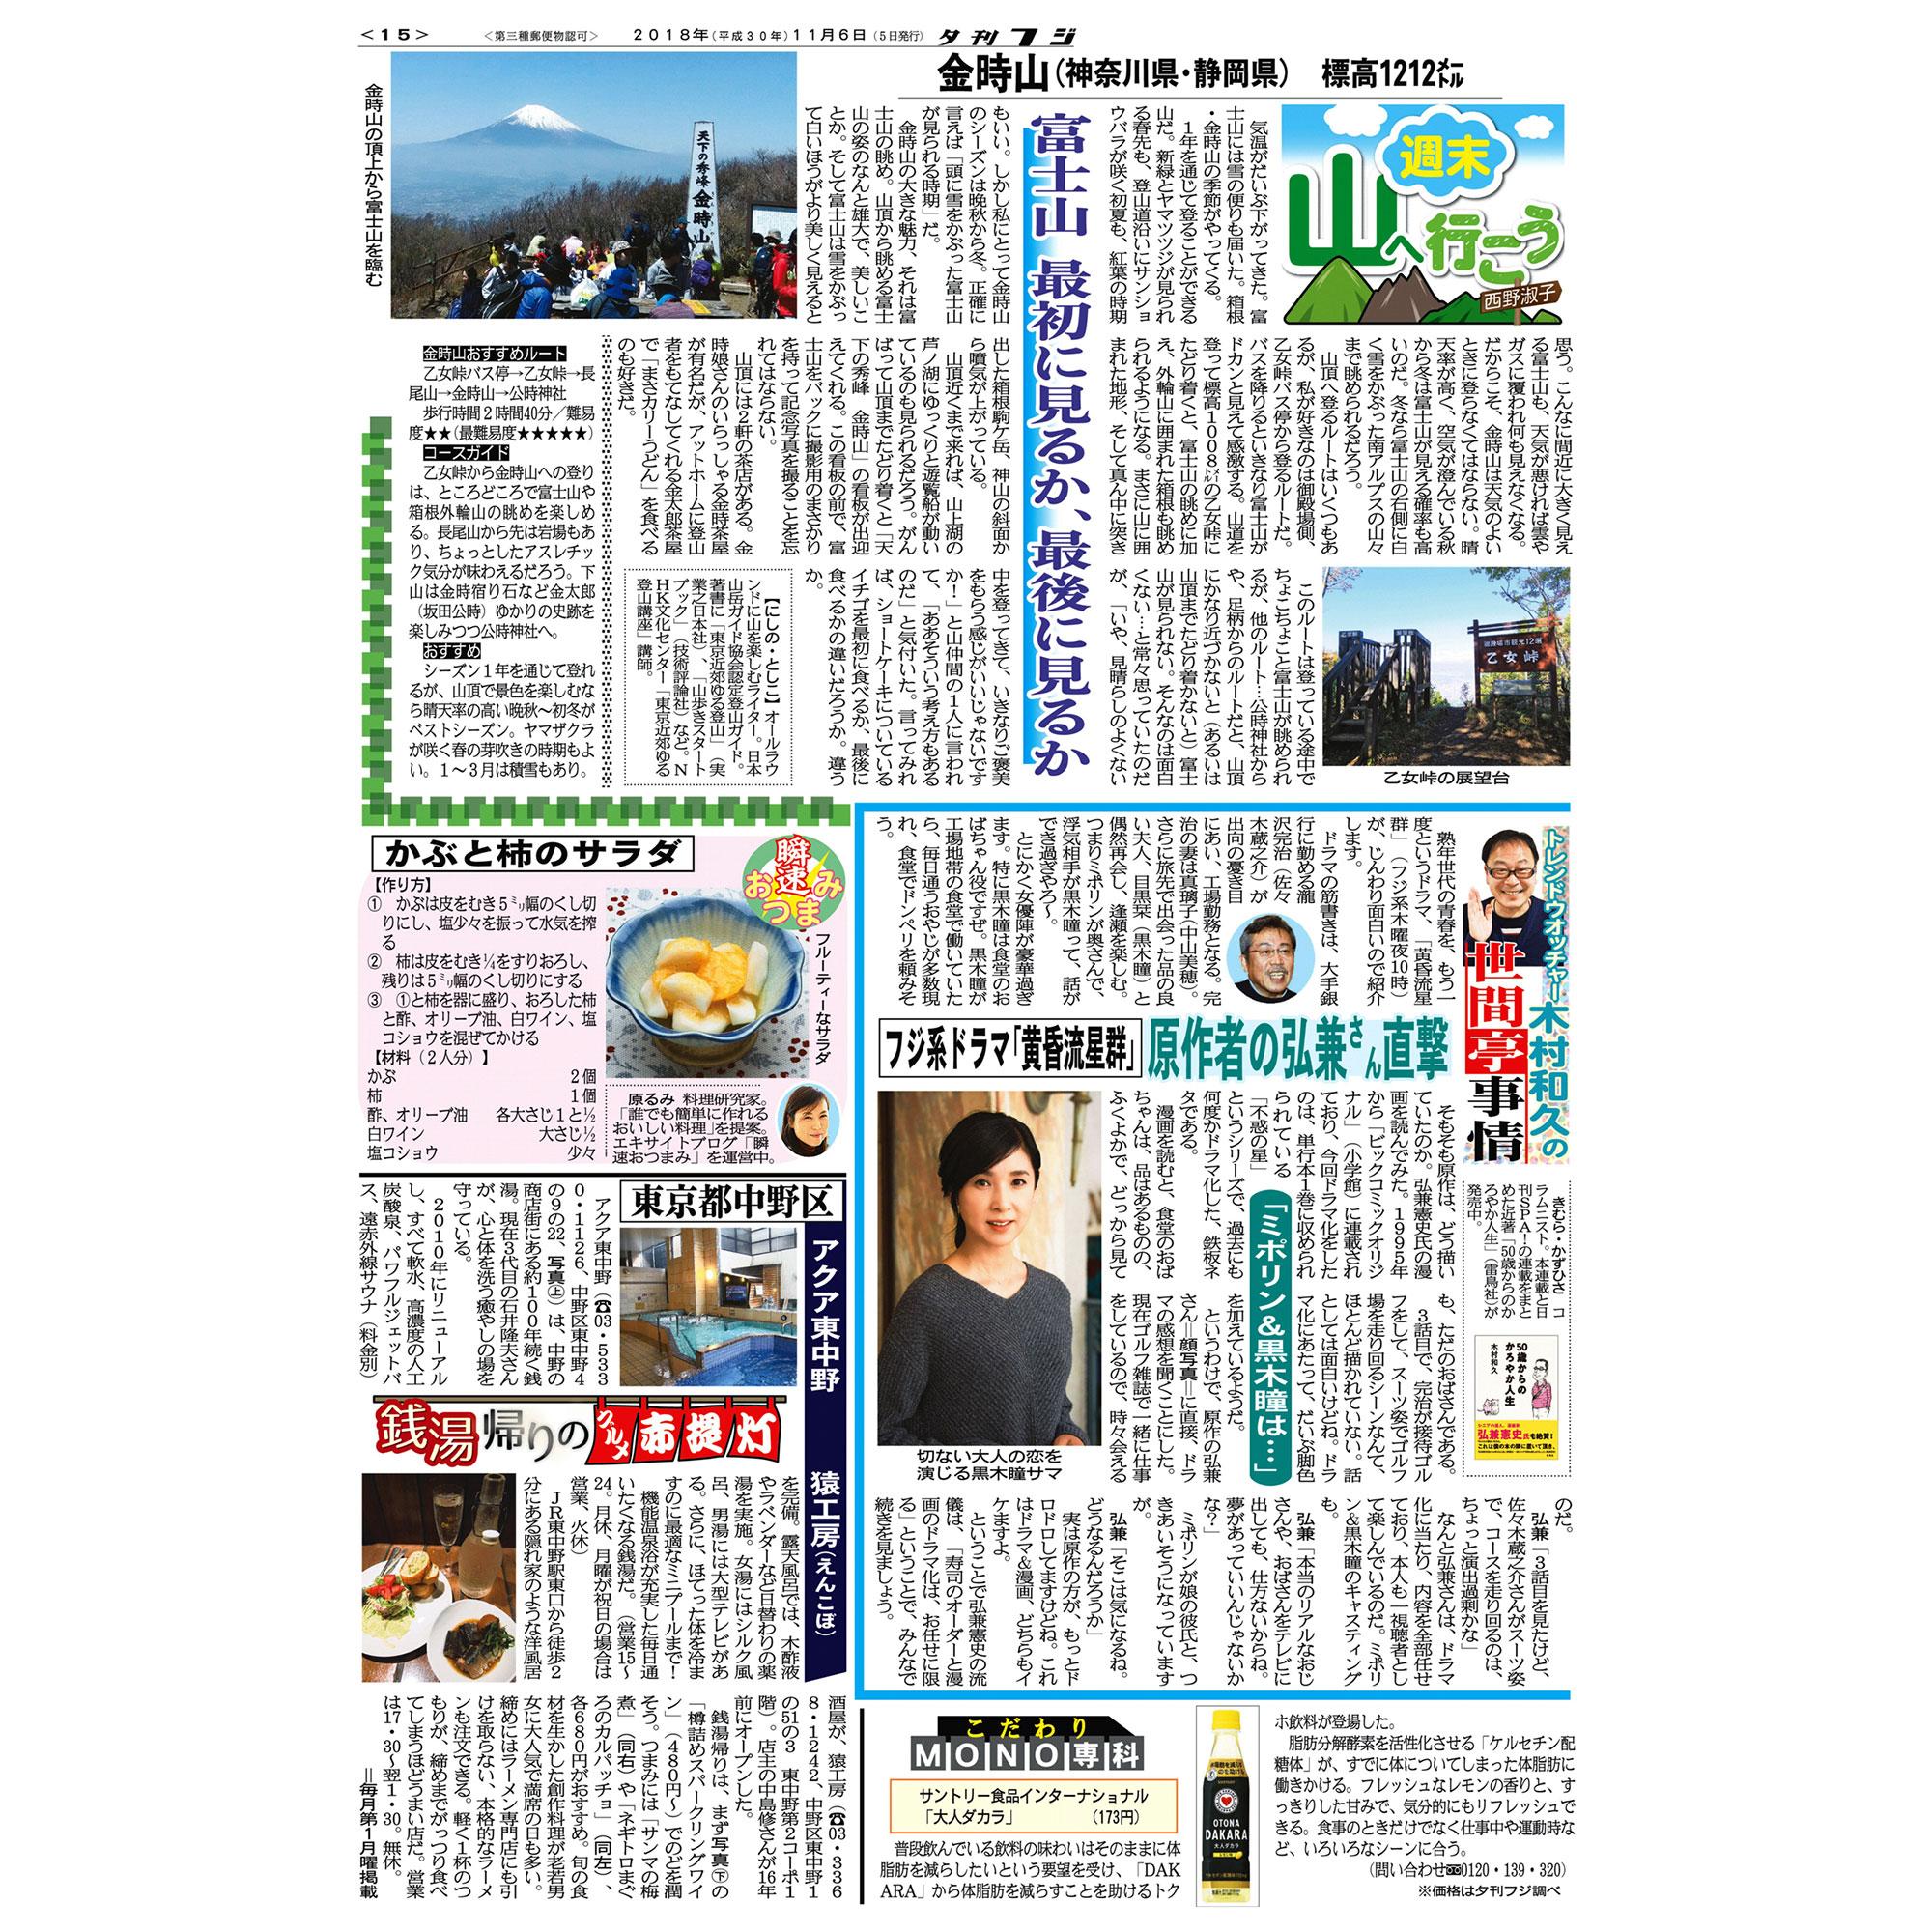 フジ 版 夕刊 電子